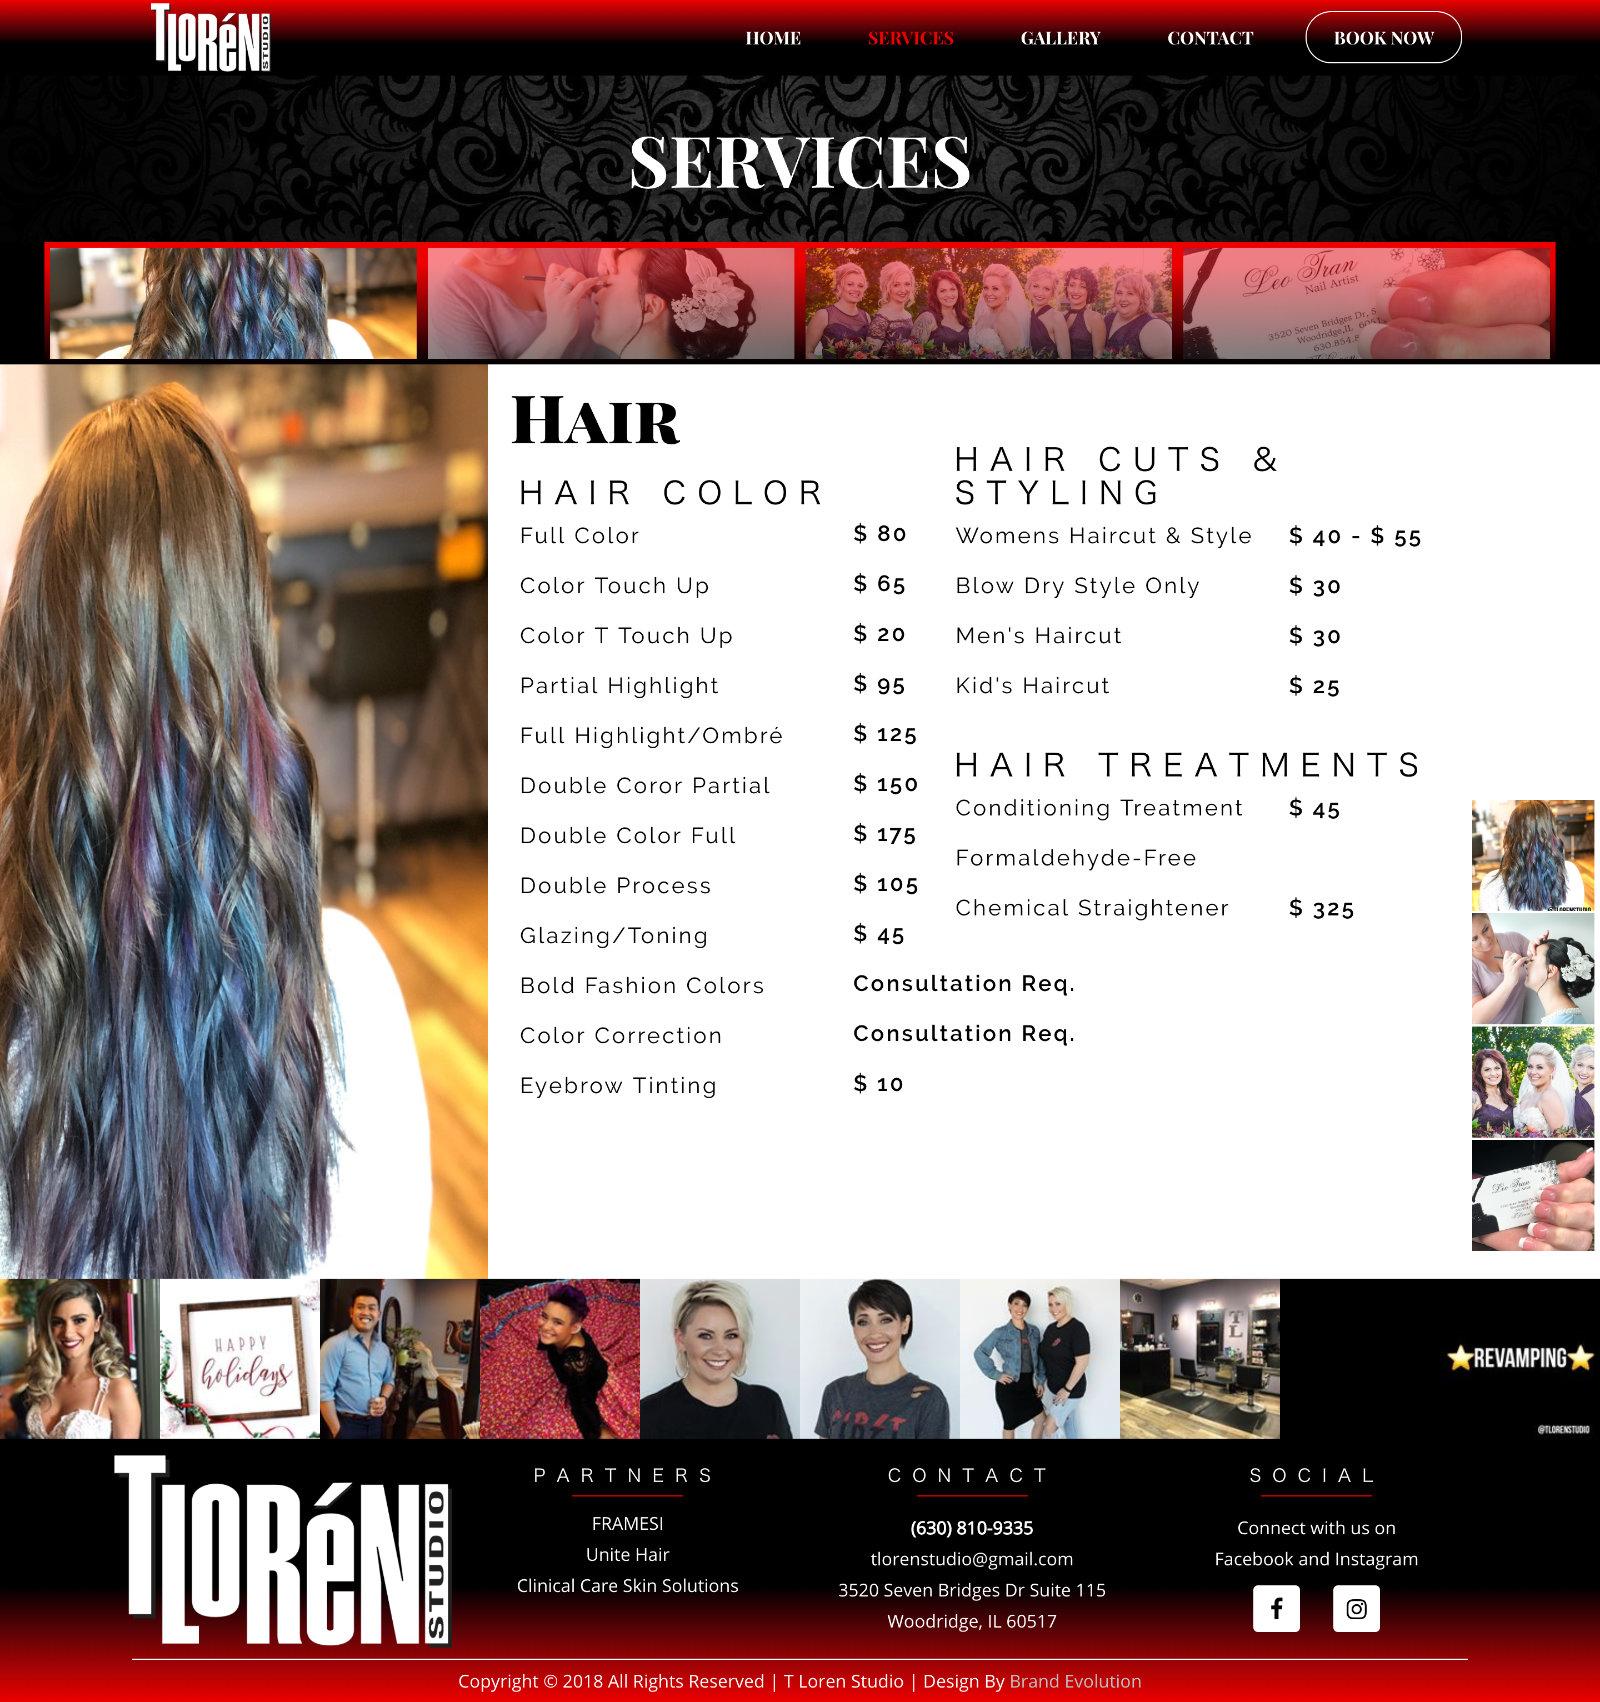 Tloren Services